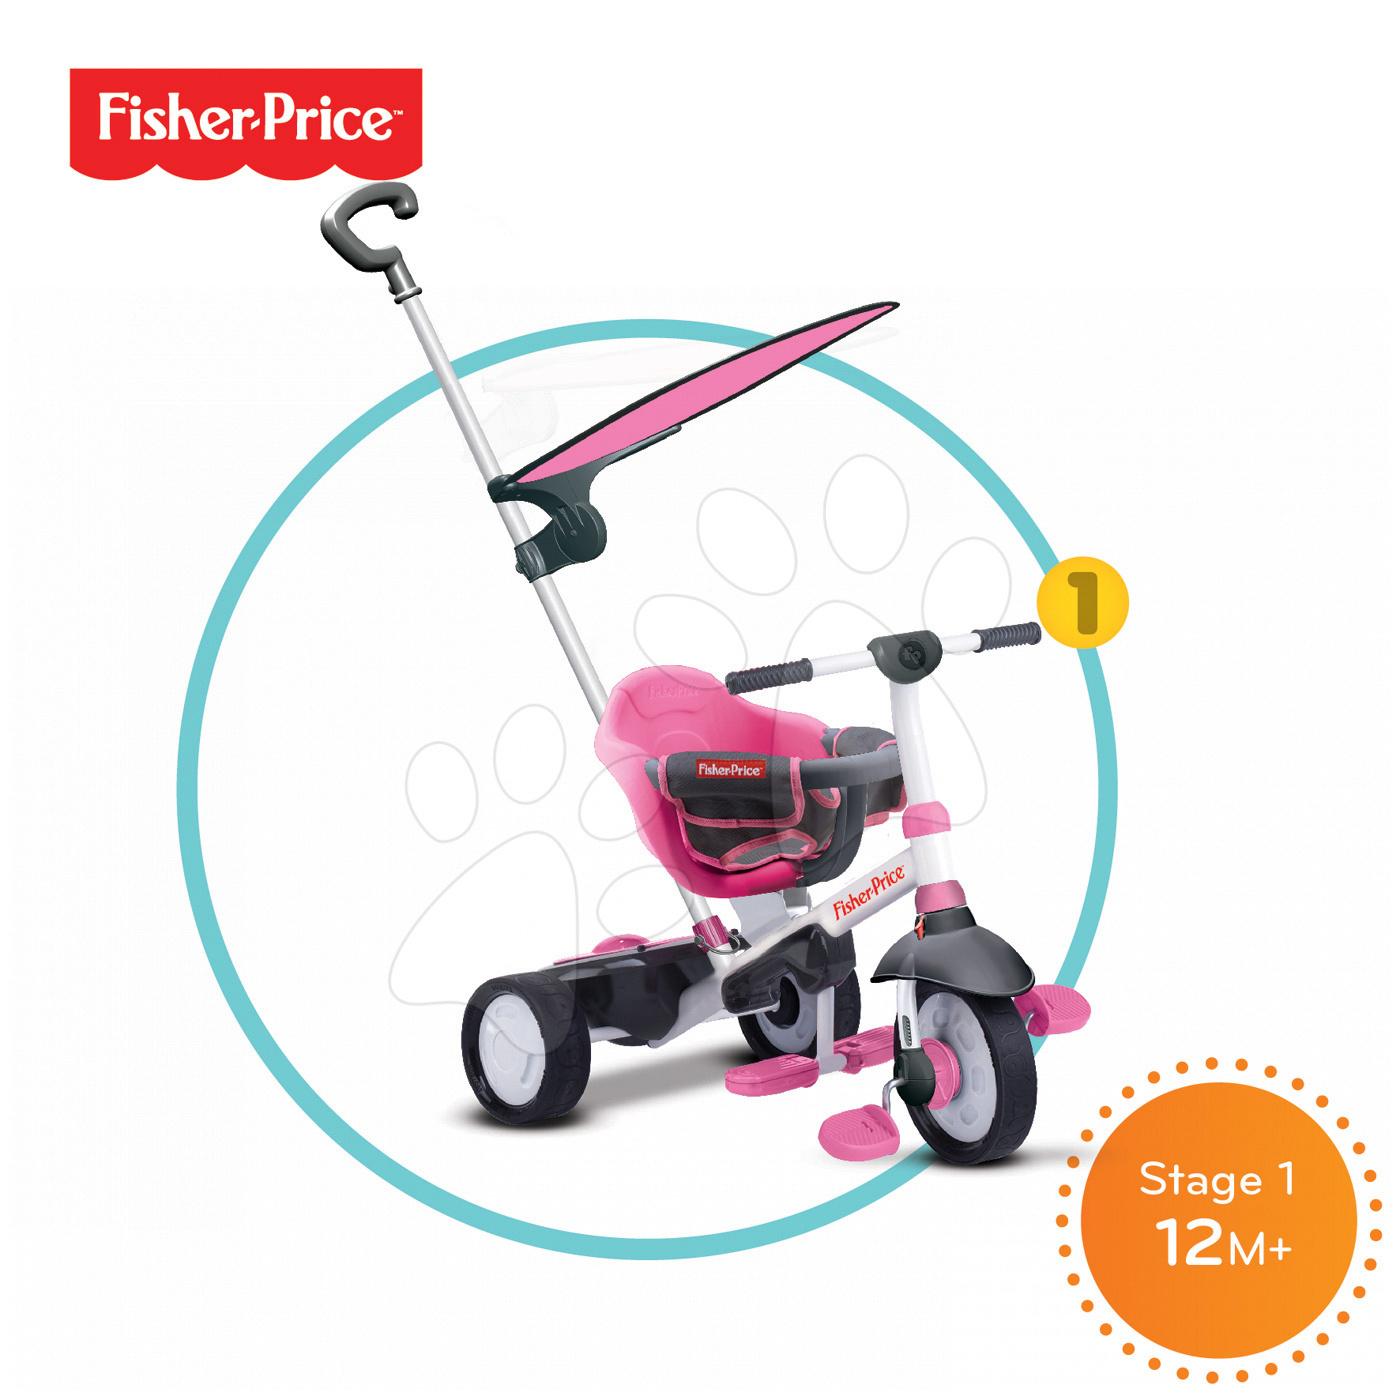 Tříkolka Fisher-Price Charm Plus Touch Steering smarTrike růžová od 12 měsíců